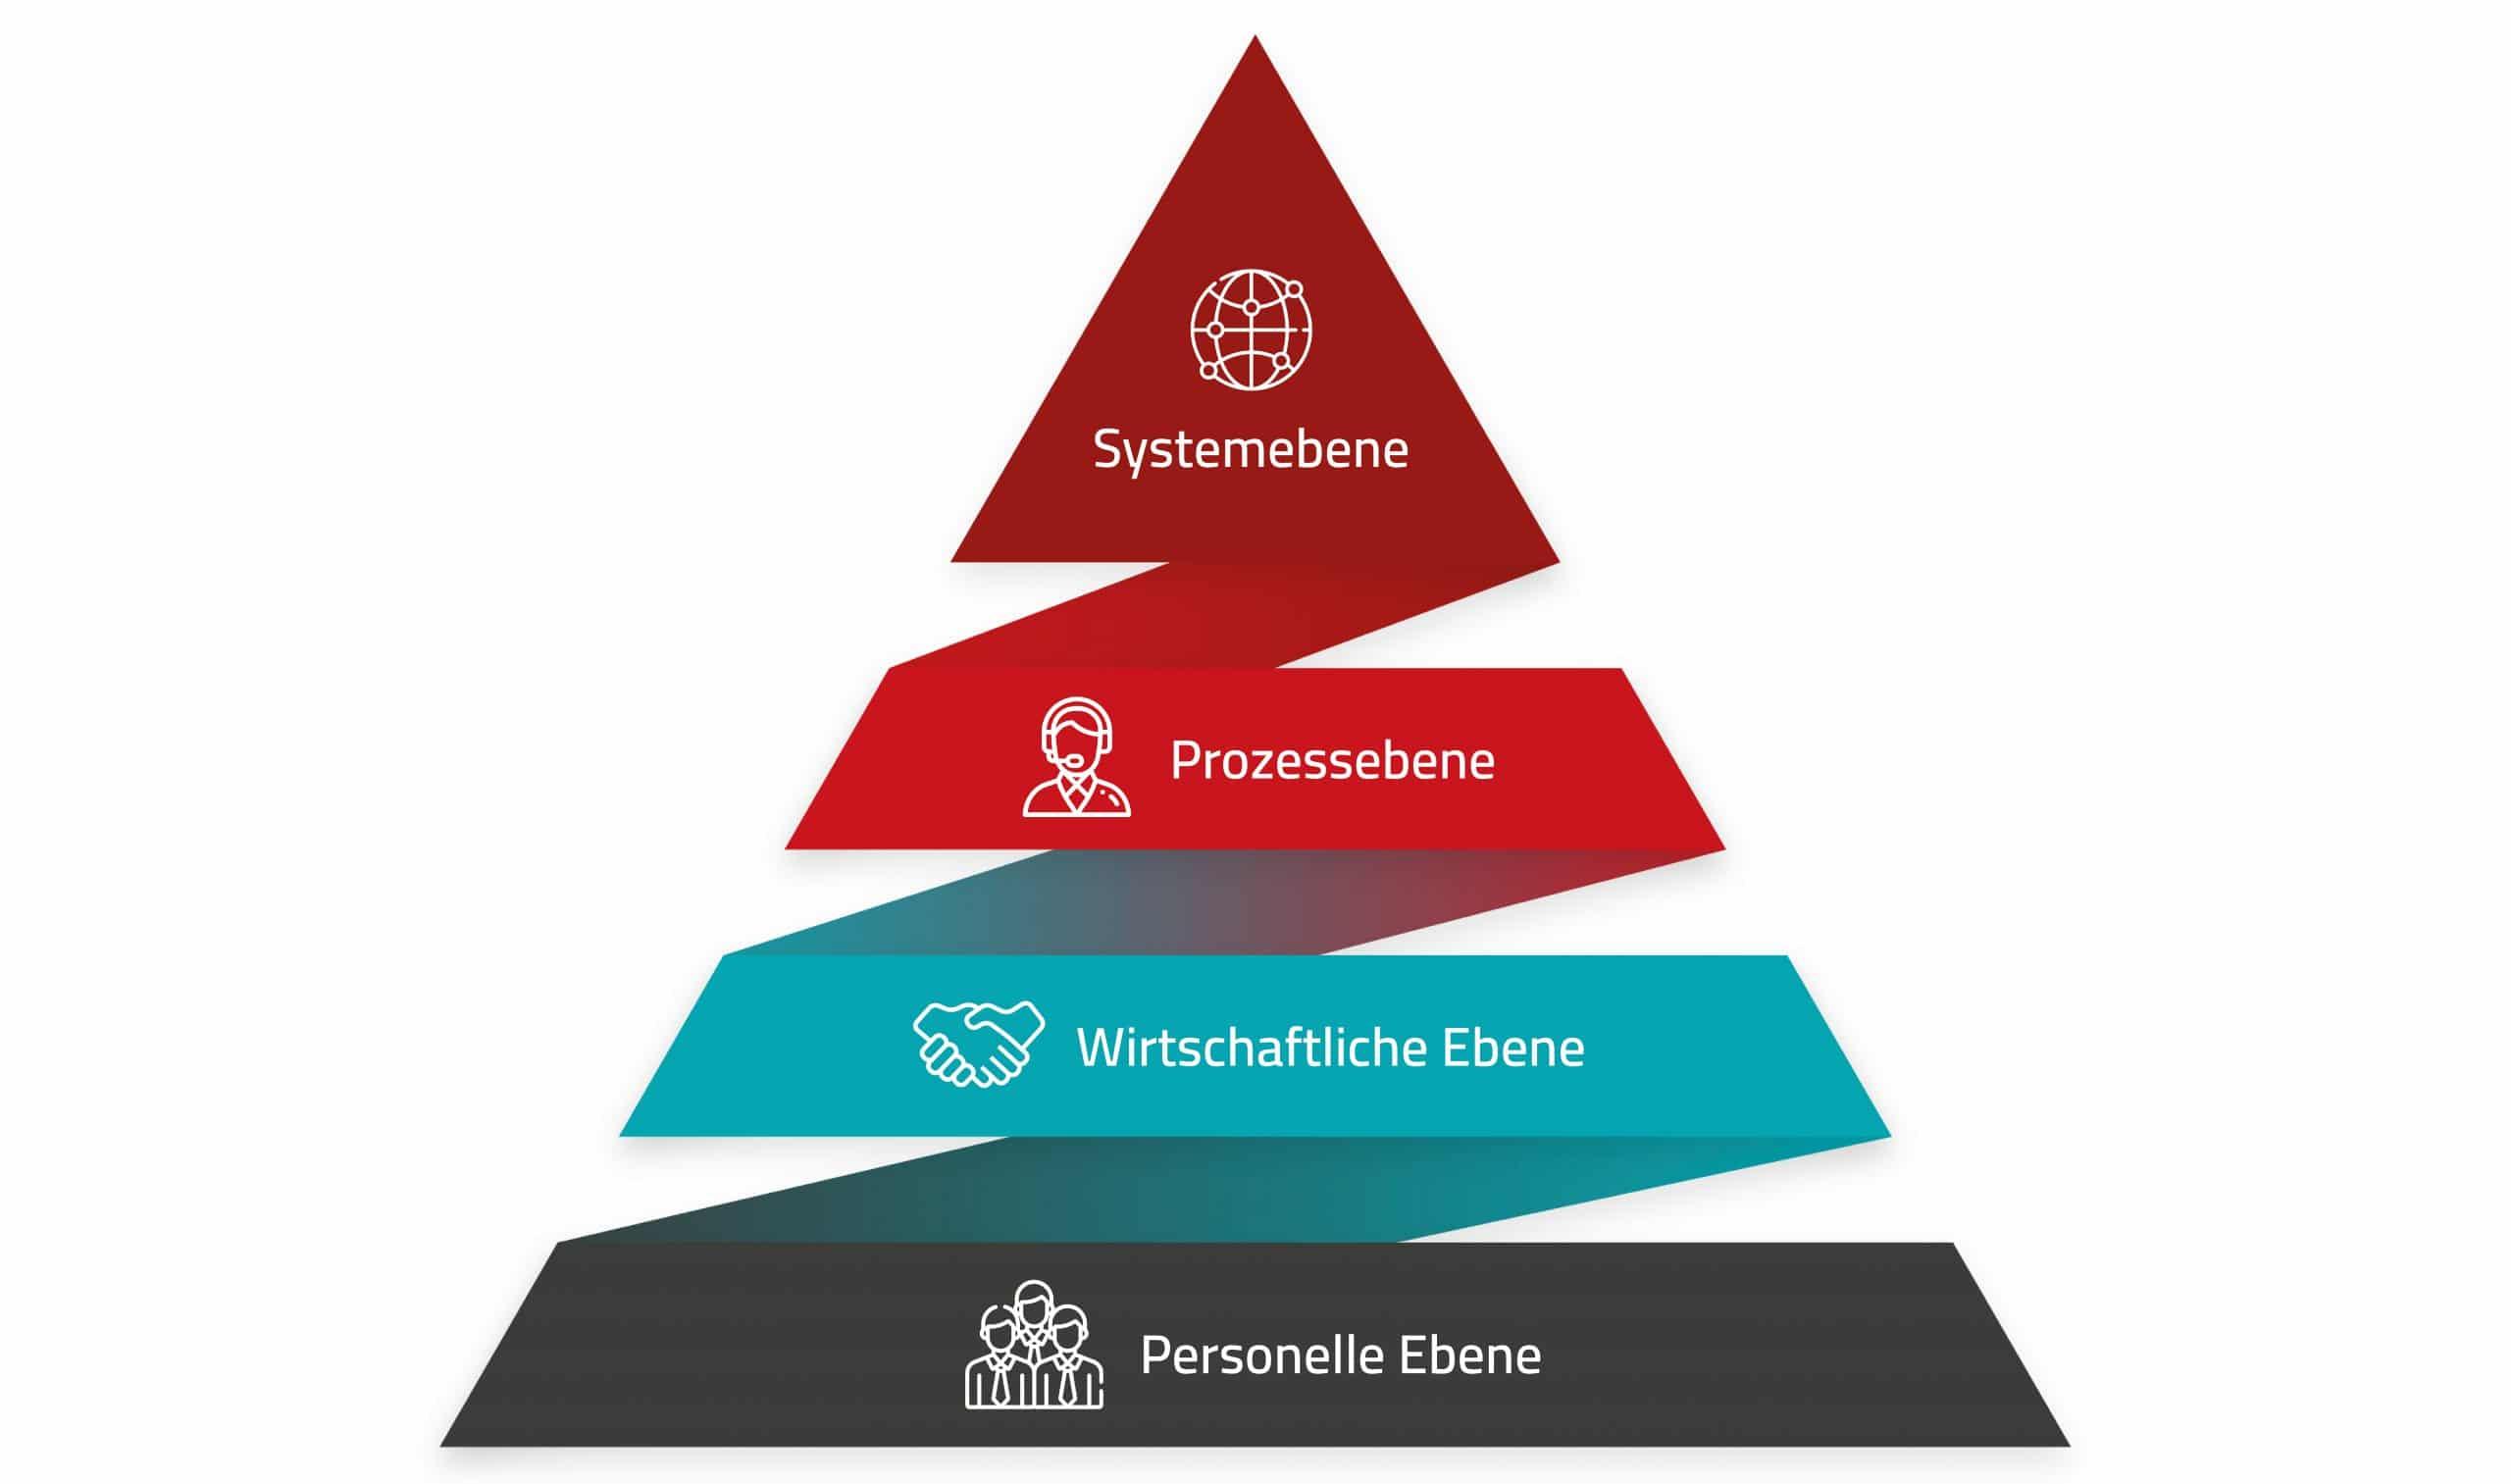 Neuerungen in der IT können sich auf vier Ebenen abspielen